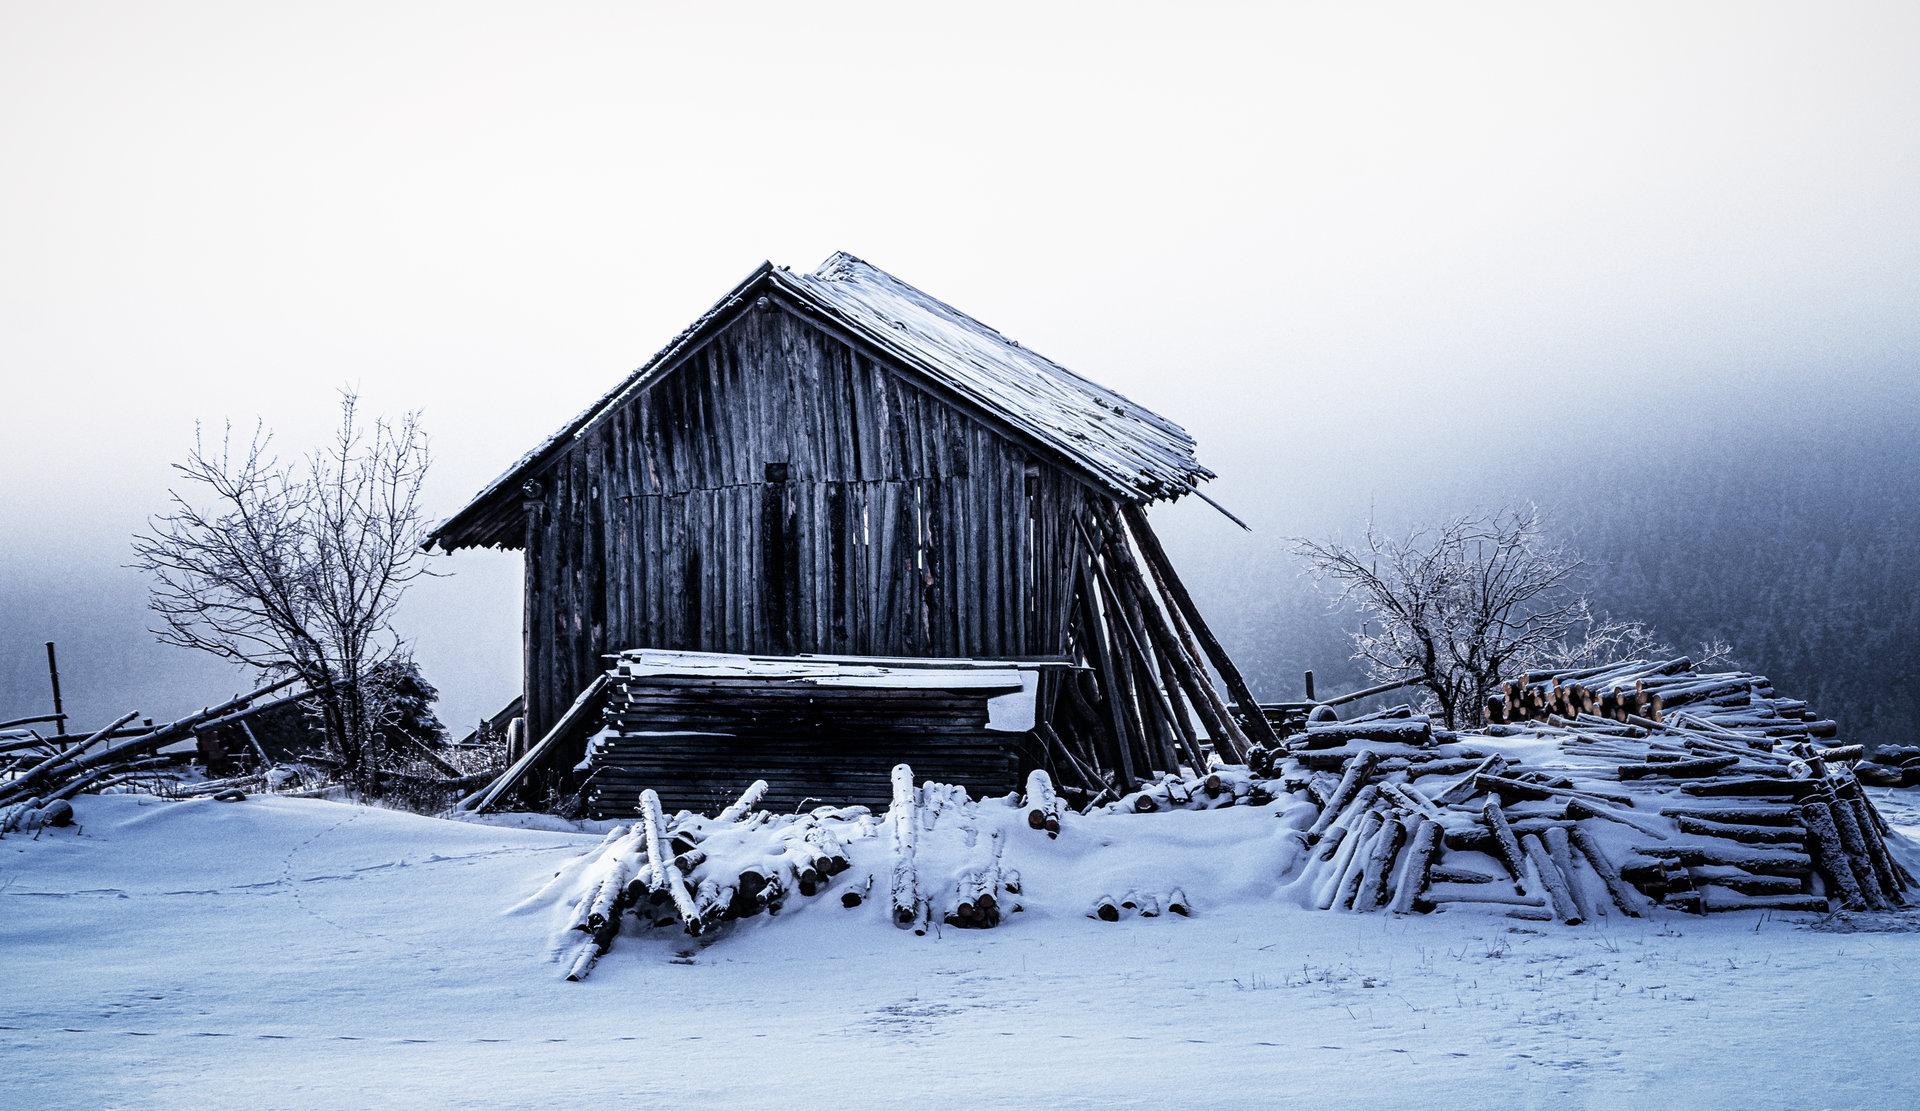 Мразовито утро   Author sunnyhope   PHOTO FORUM